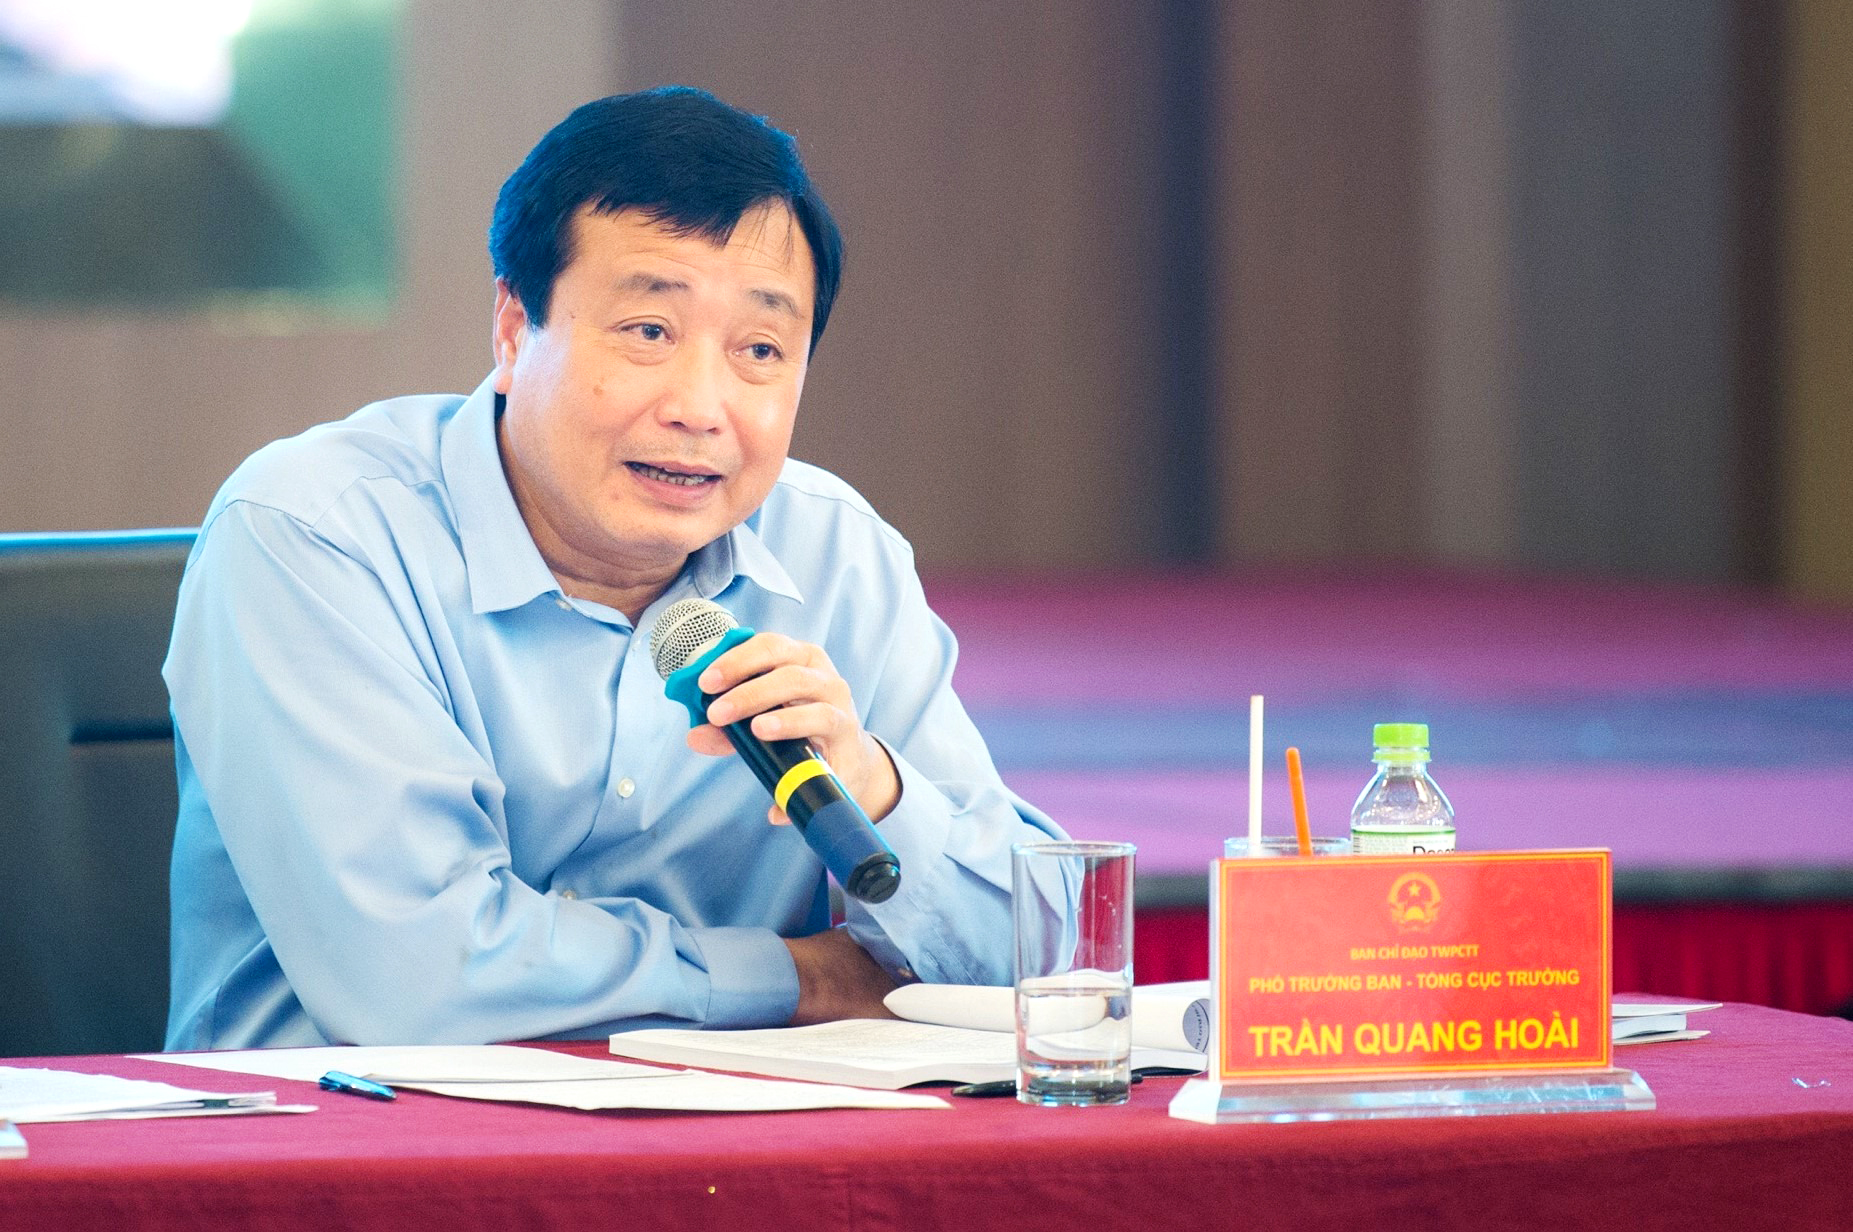 Ông Trần Quang Hoài, Phó trưởng Ban Chỉ đạo Trung ương về PCTT - Tổng Cục trưởng Tổng cục PCTT